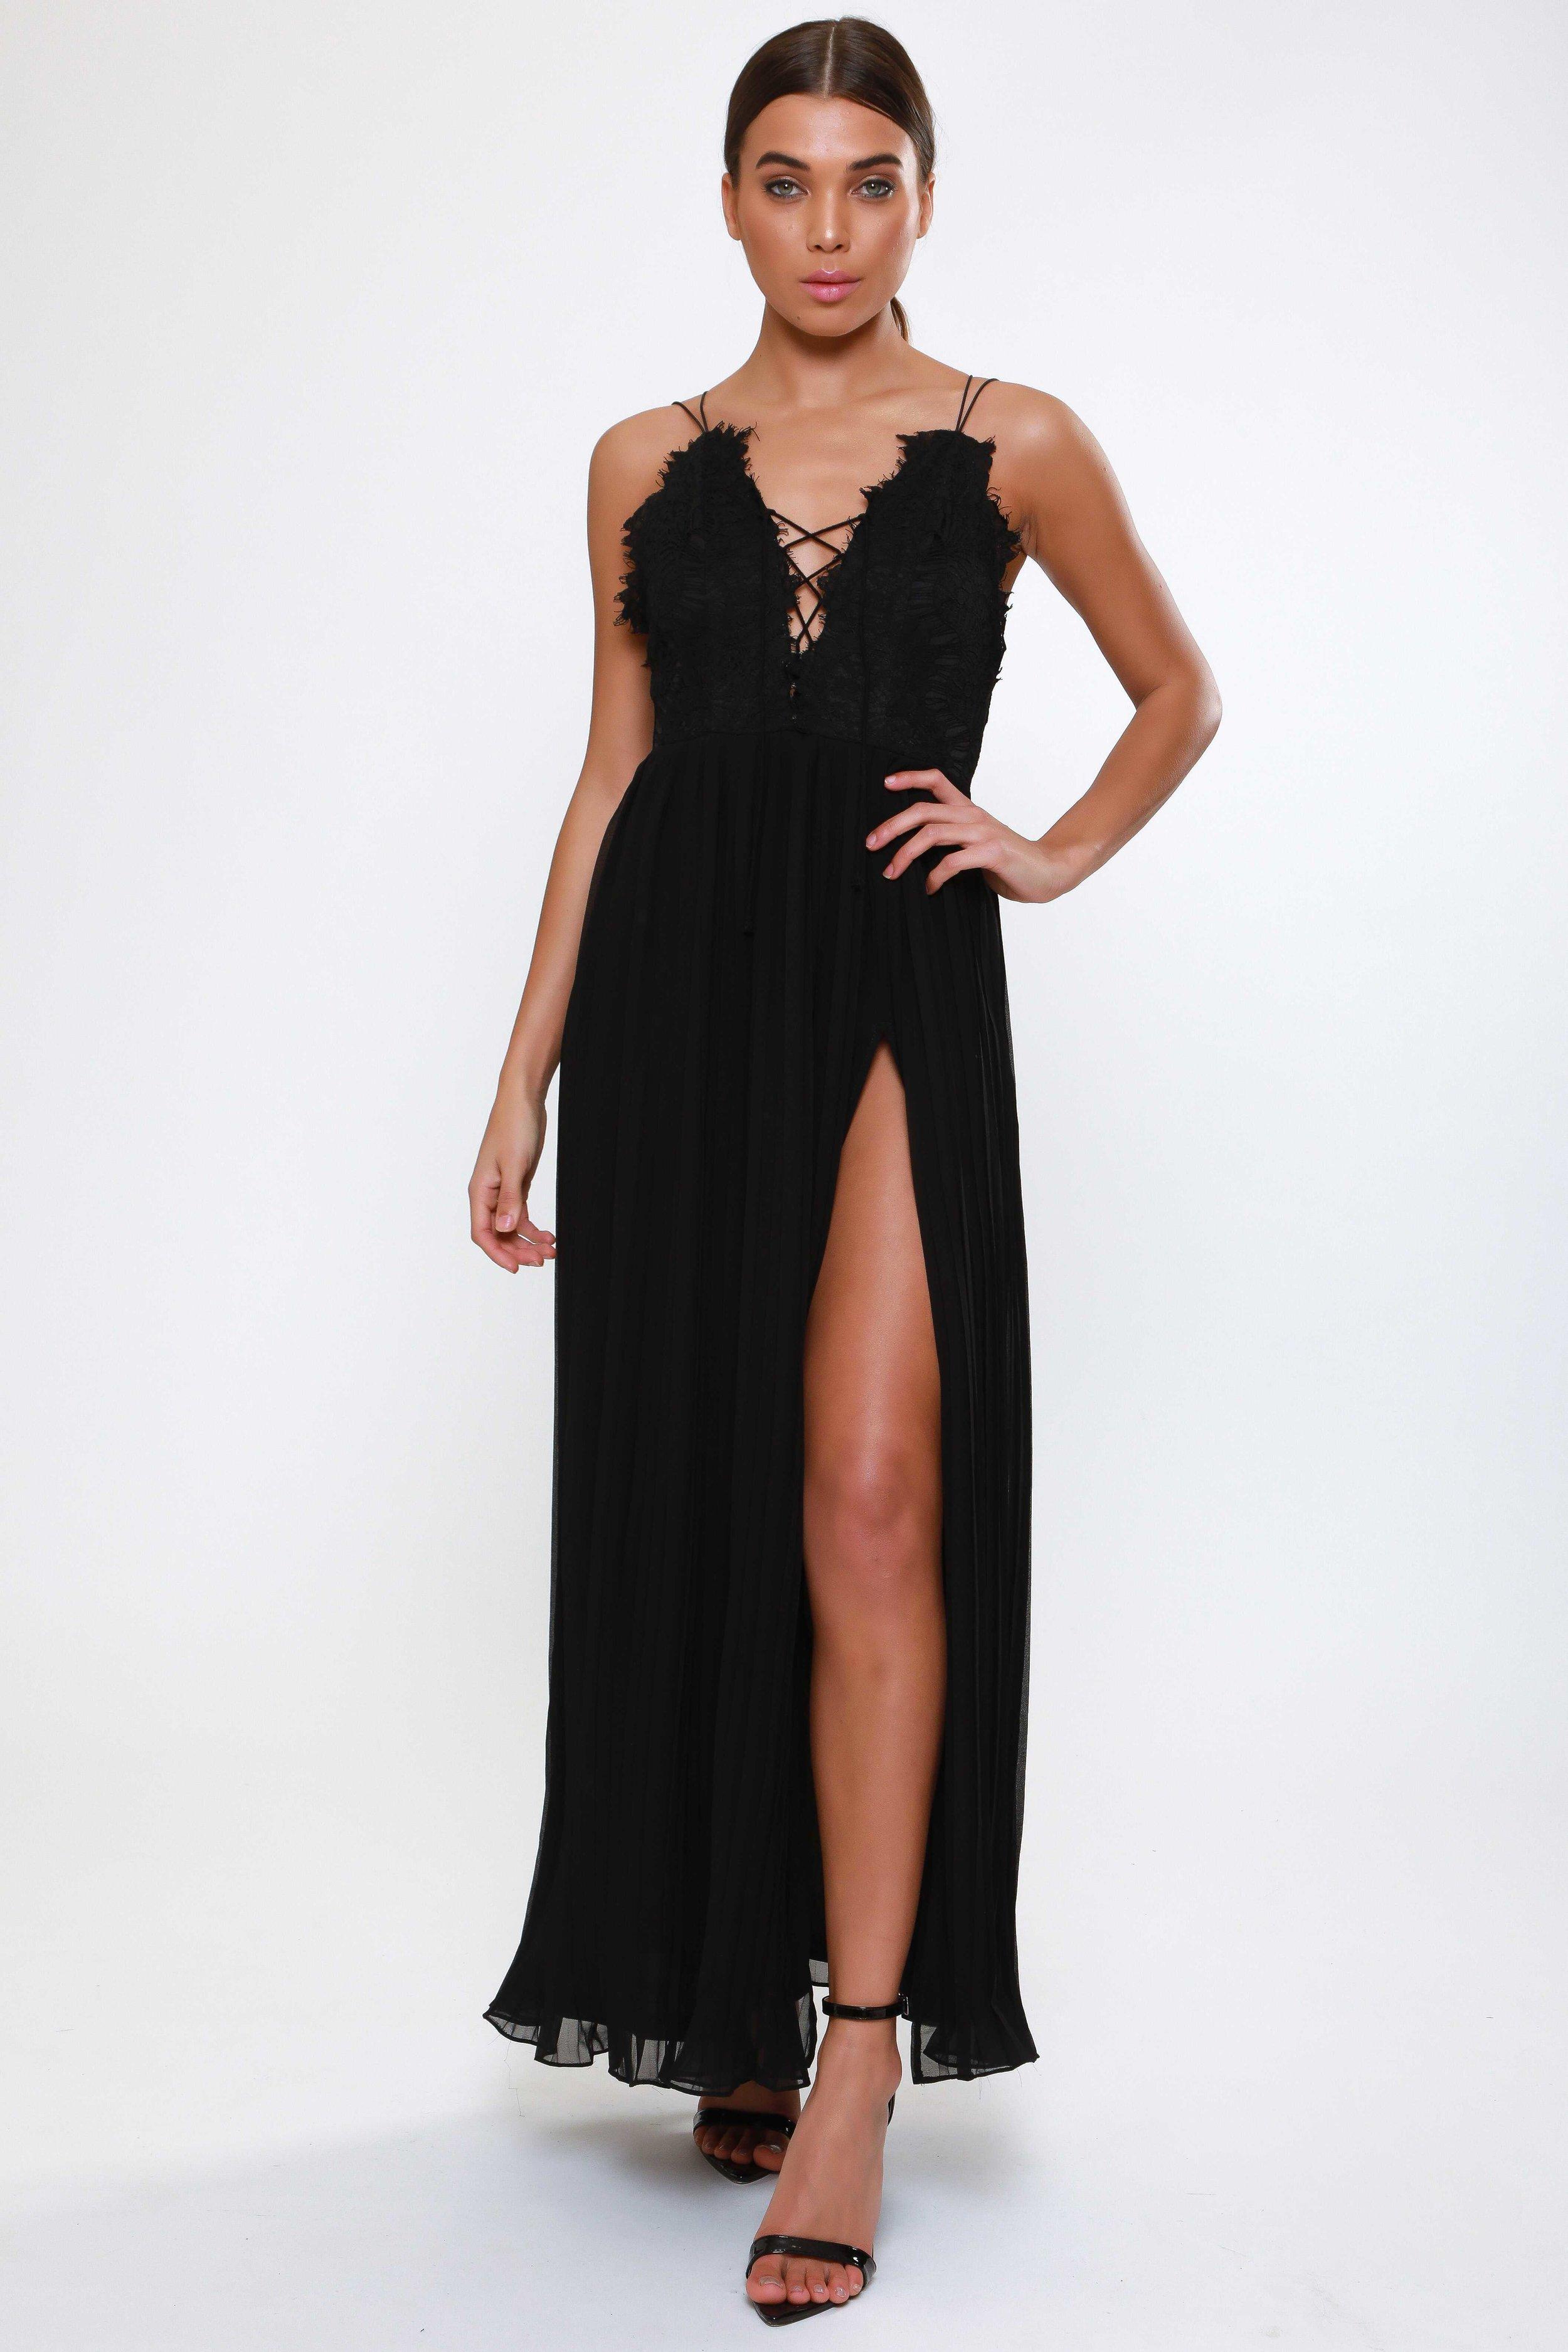 Black Lace Up Detail  Maxi Dress   £69.00